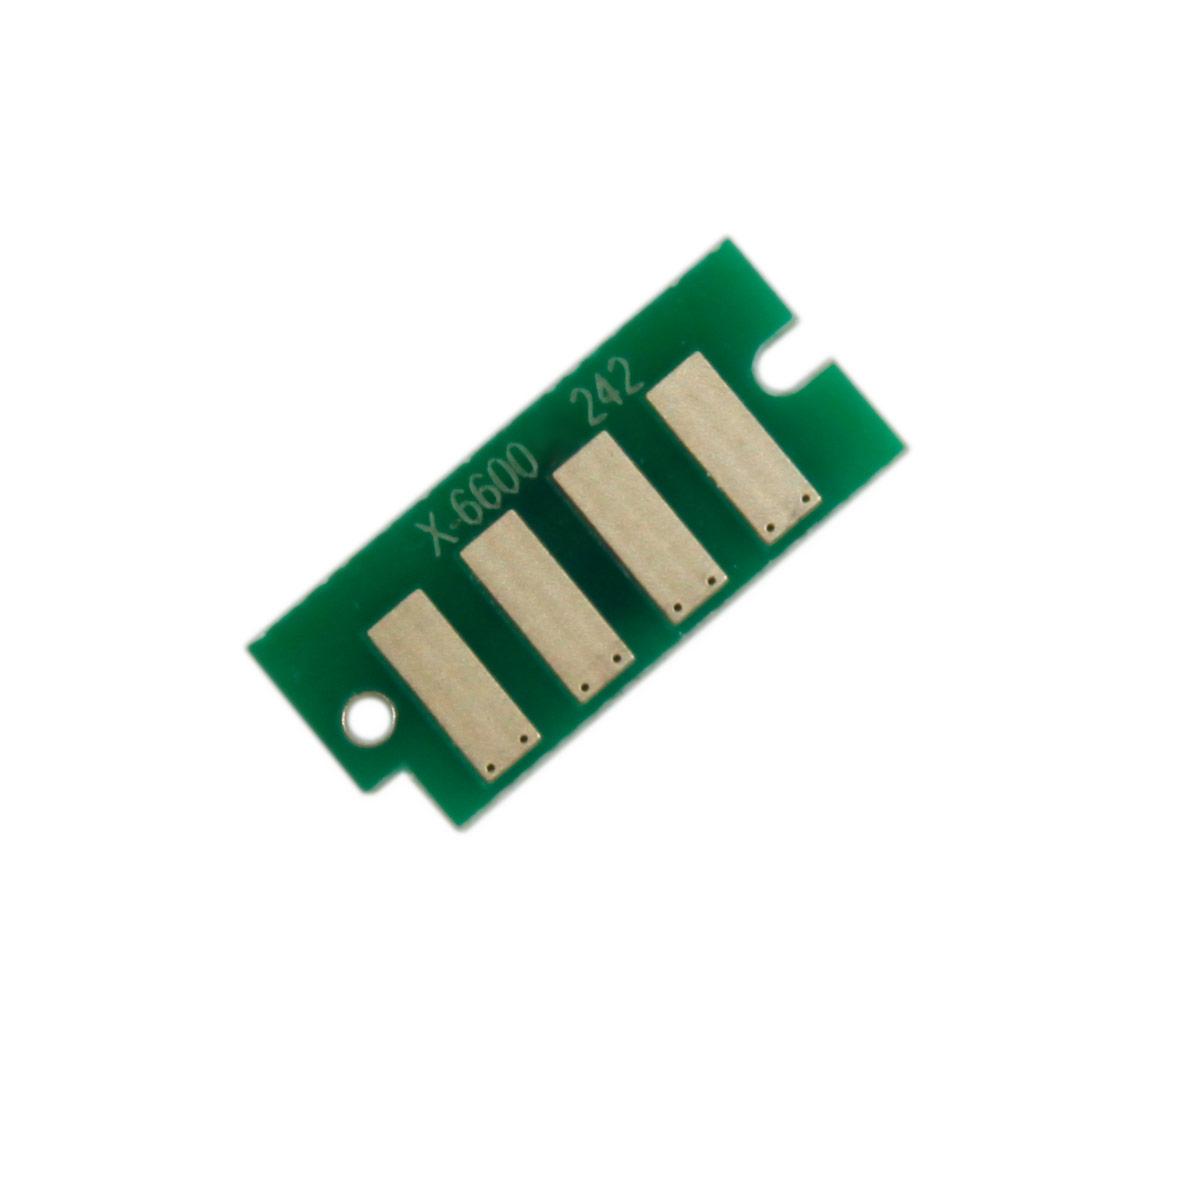 Chip zliczający Xerox WorkCentre 6605